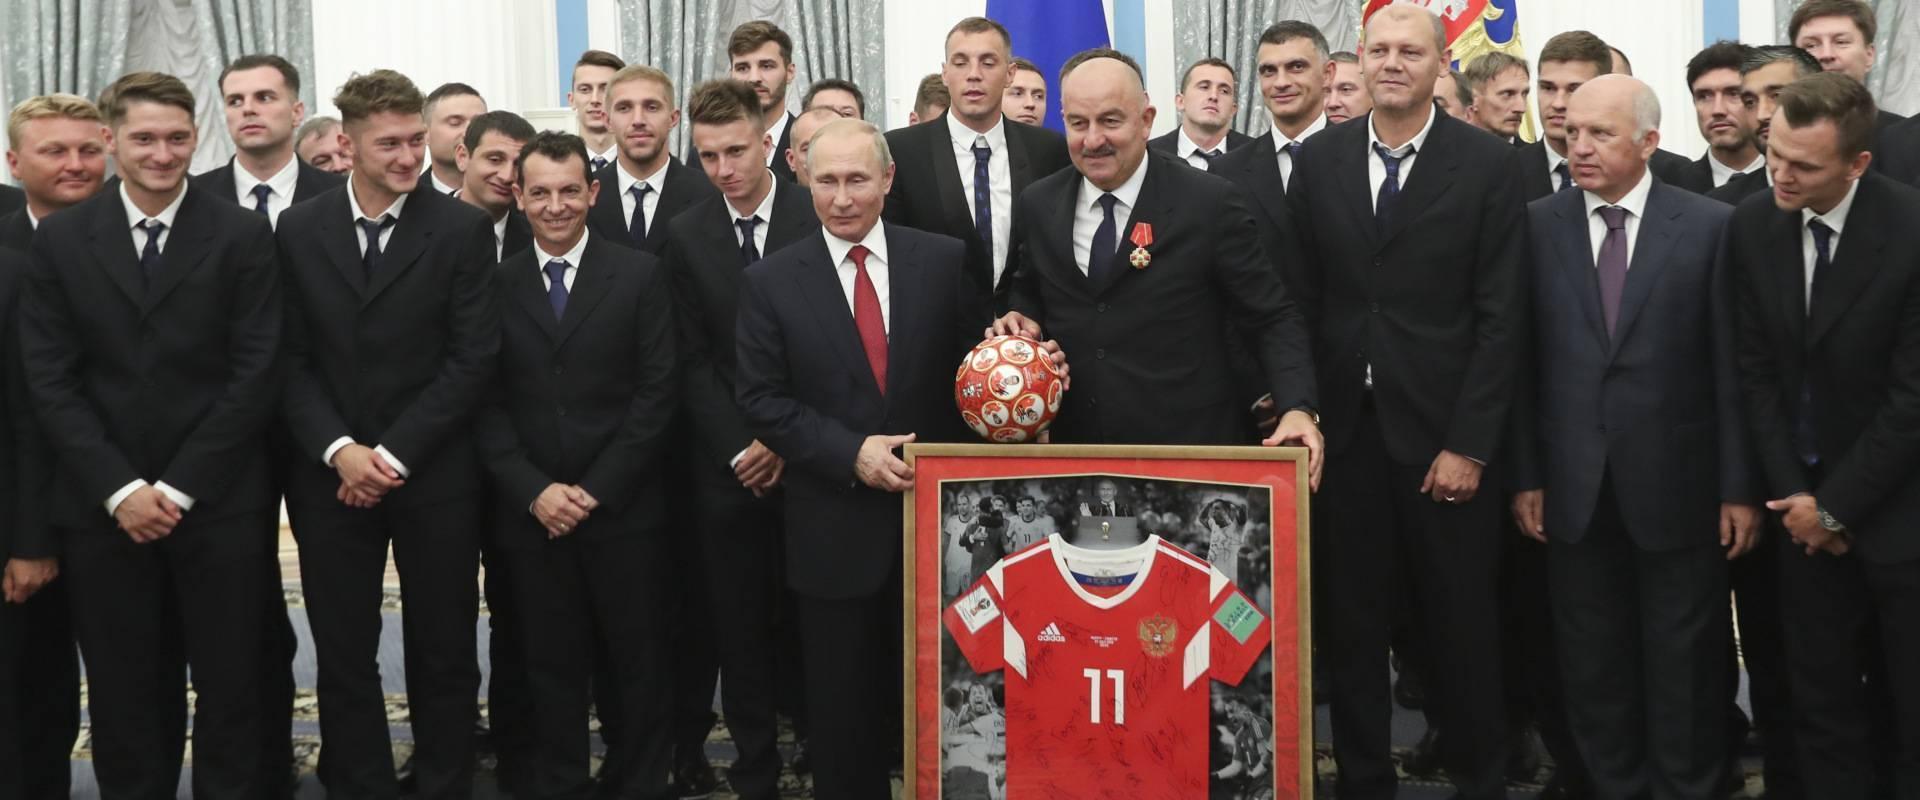 Тест. кто ты в сборной россии?